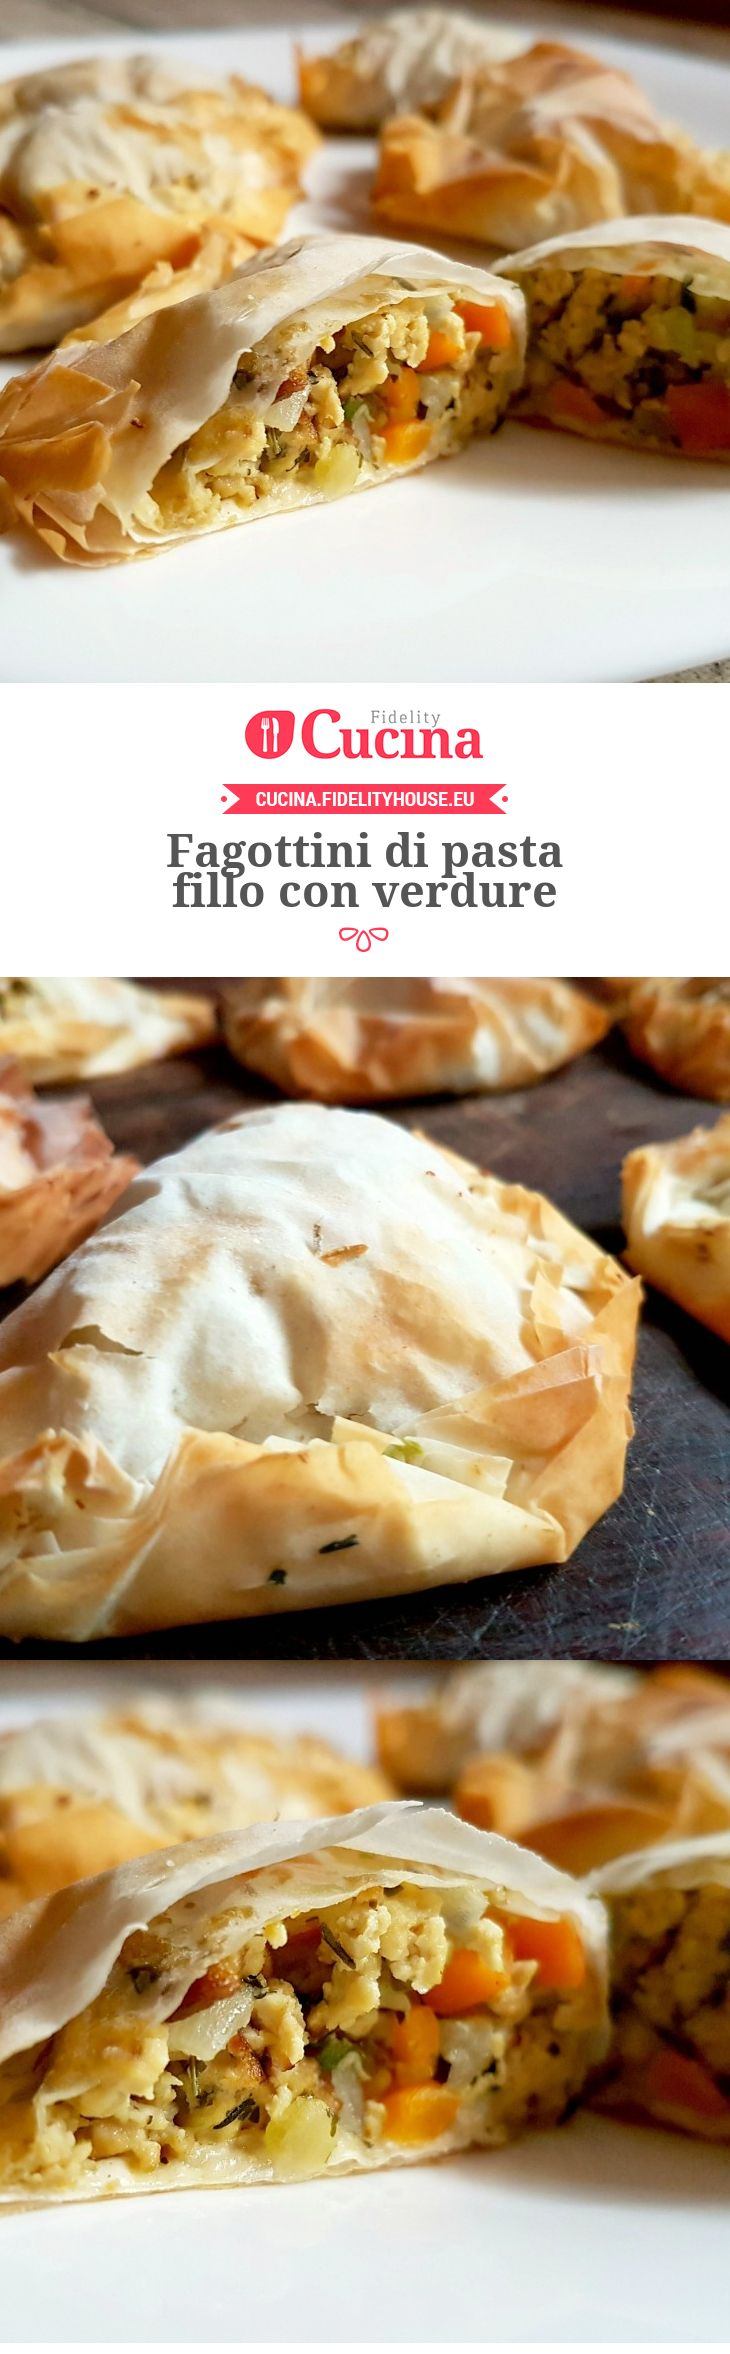 17 migliori idee su ricette con pasta sfoglia su pinterest for Ricette di pasta